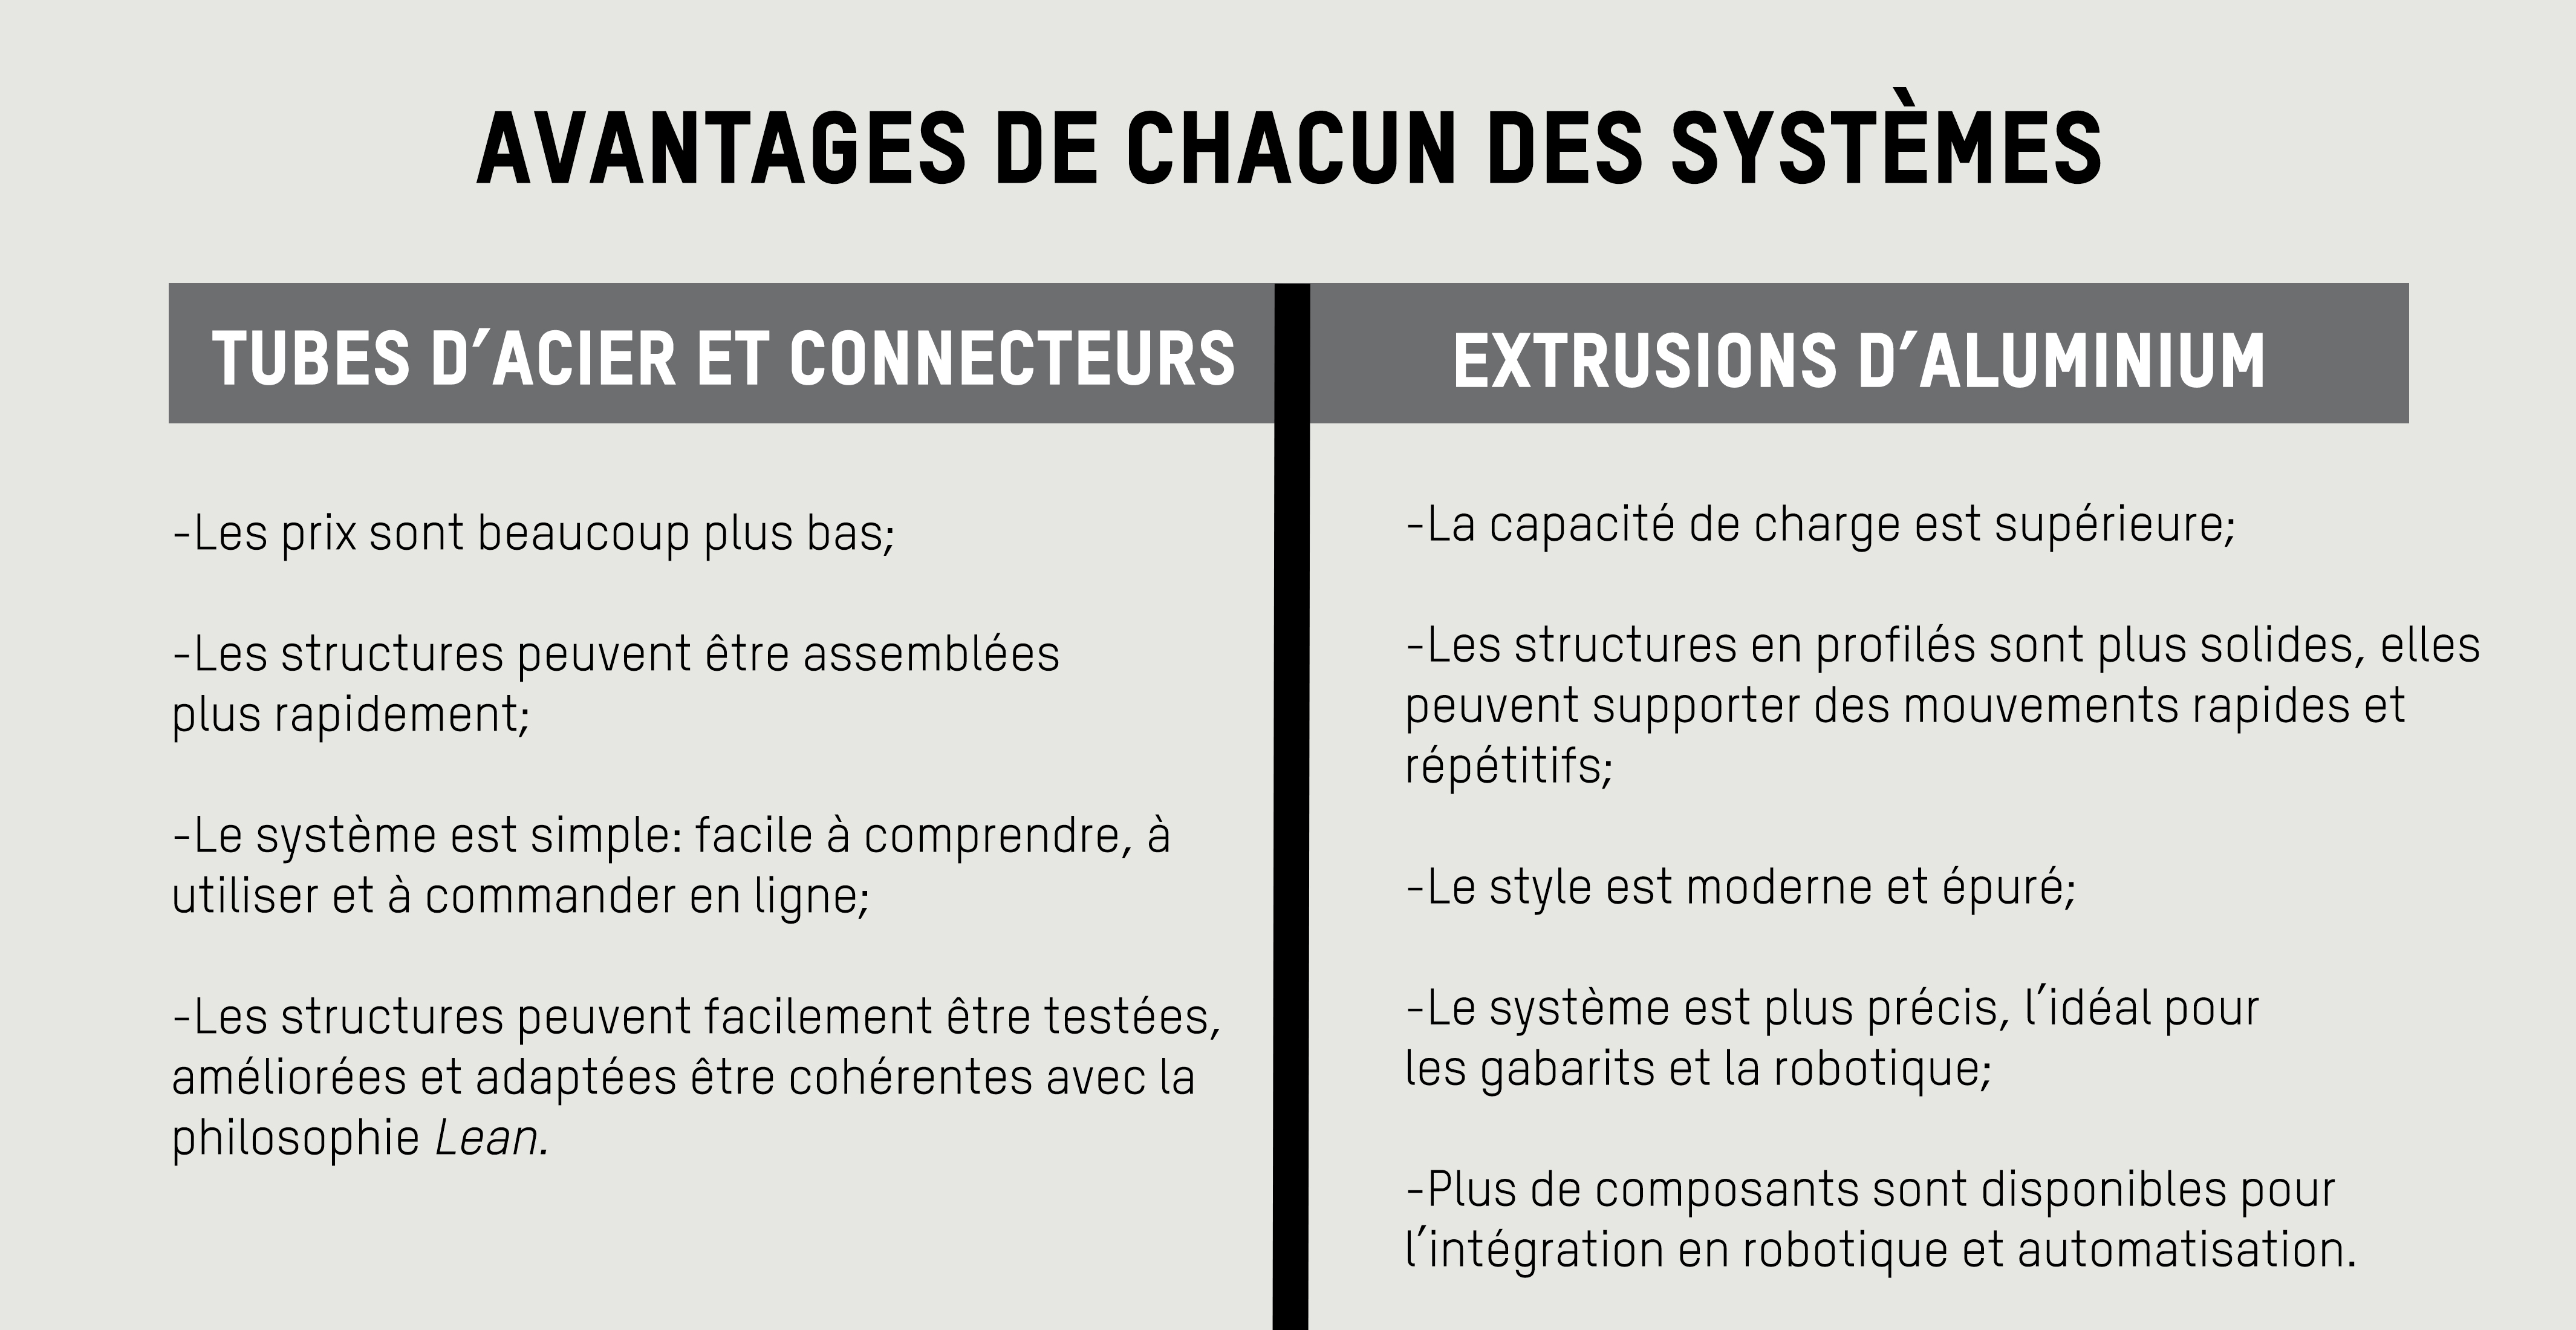 Tableau comparatif présentant les avantages de chacun des systèmes